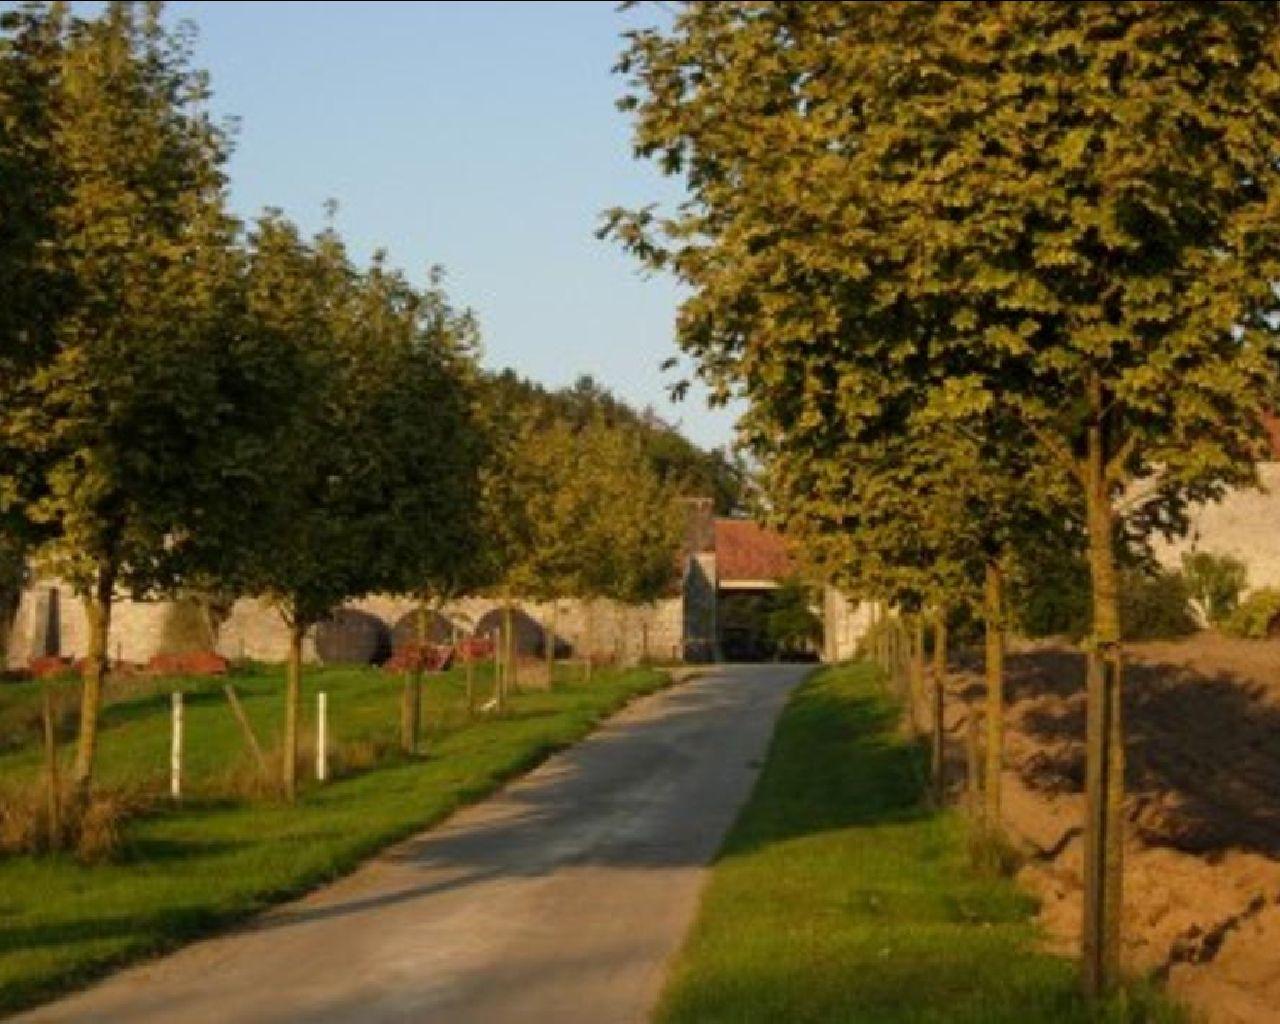 Randonnée Marche à Andenne: L'Escapade de Sirou - SityTrail